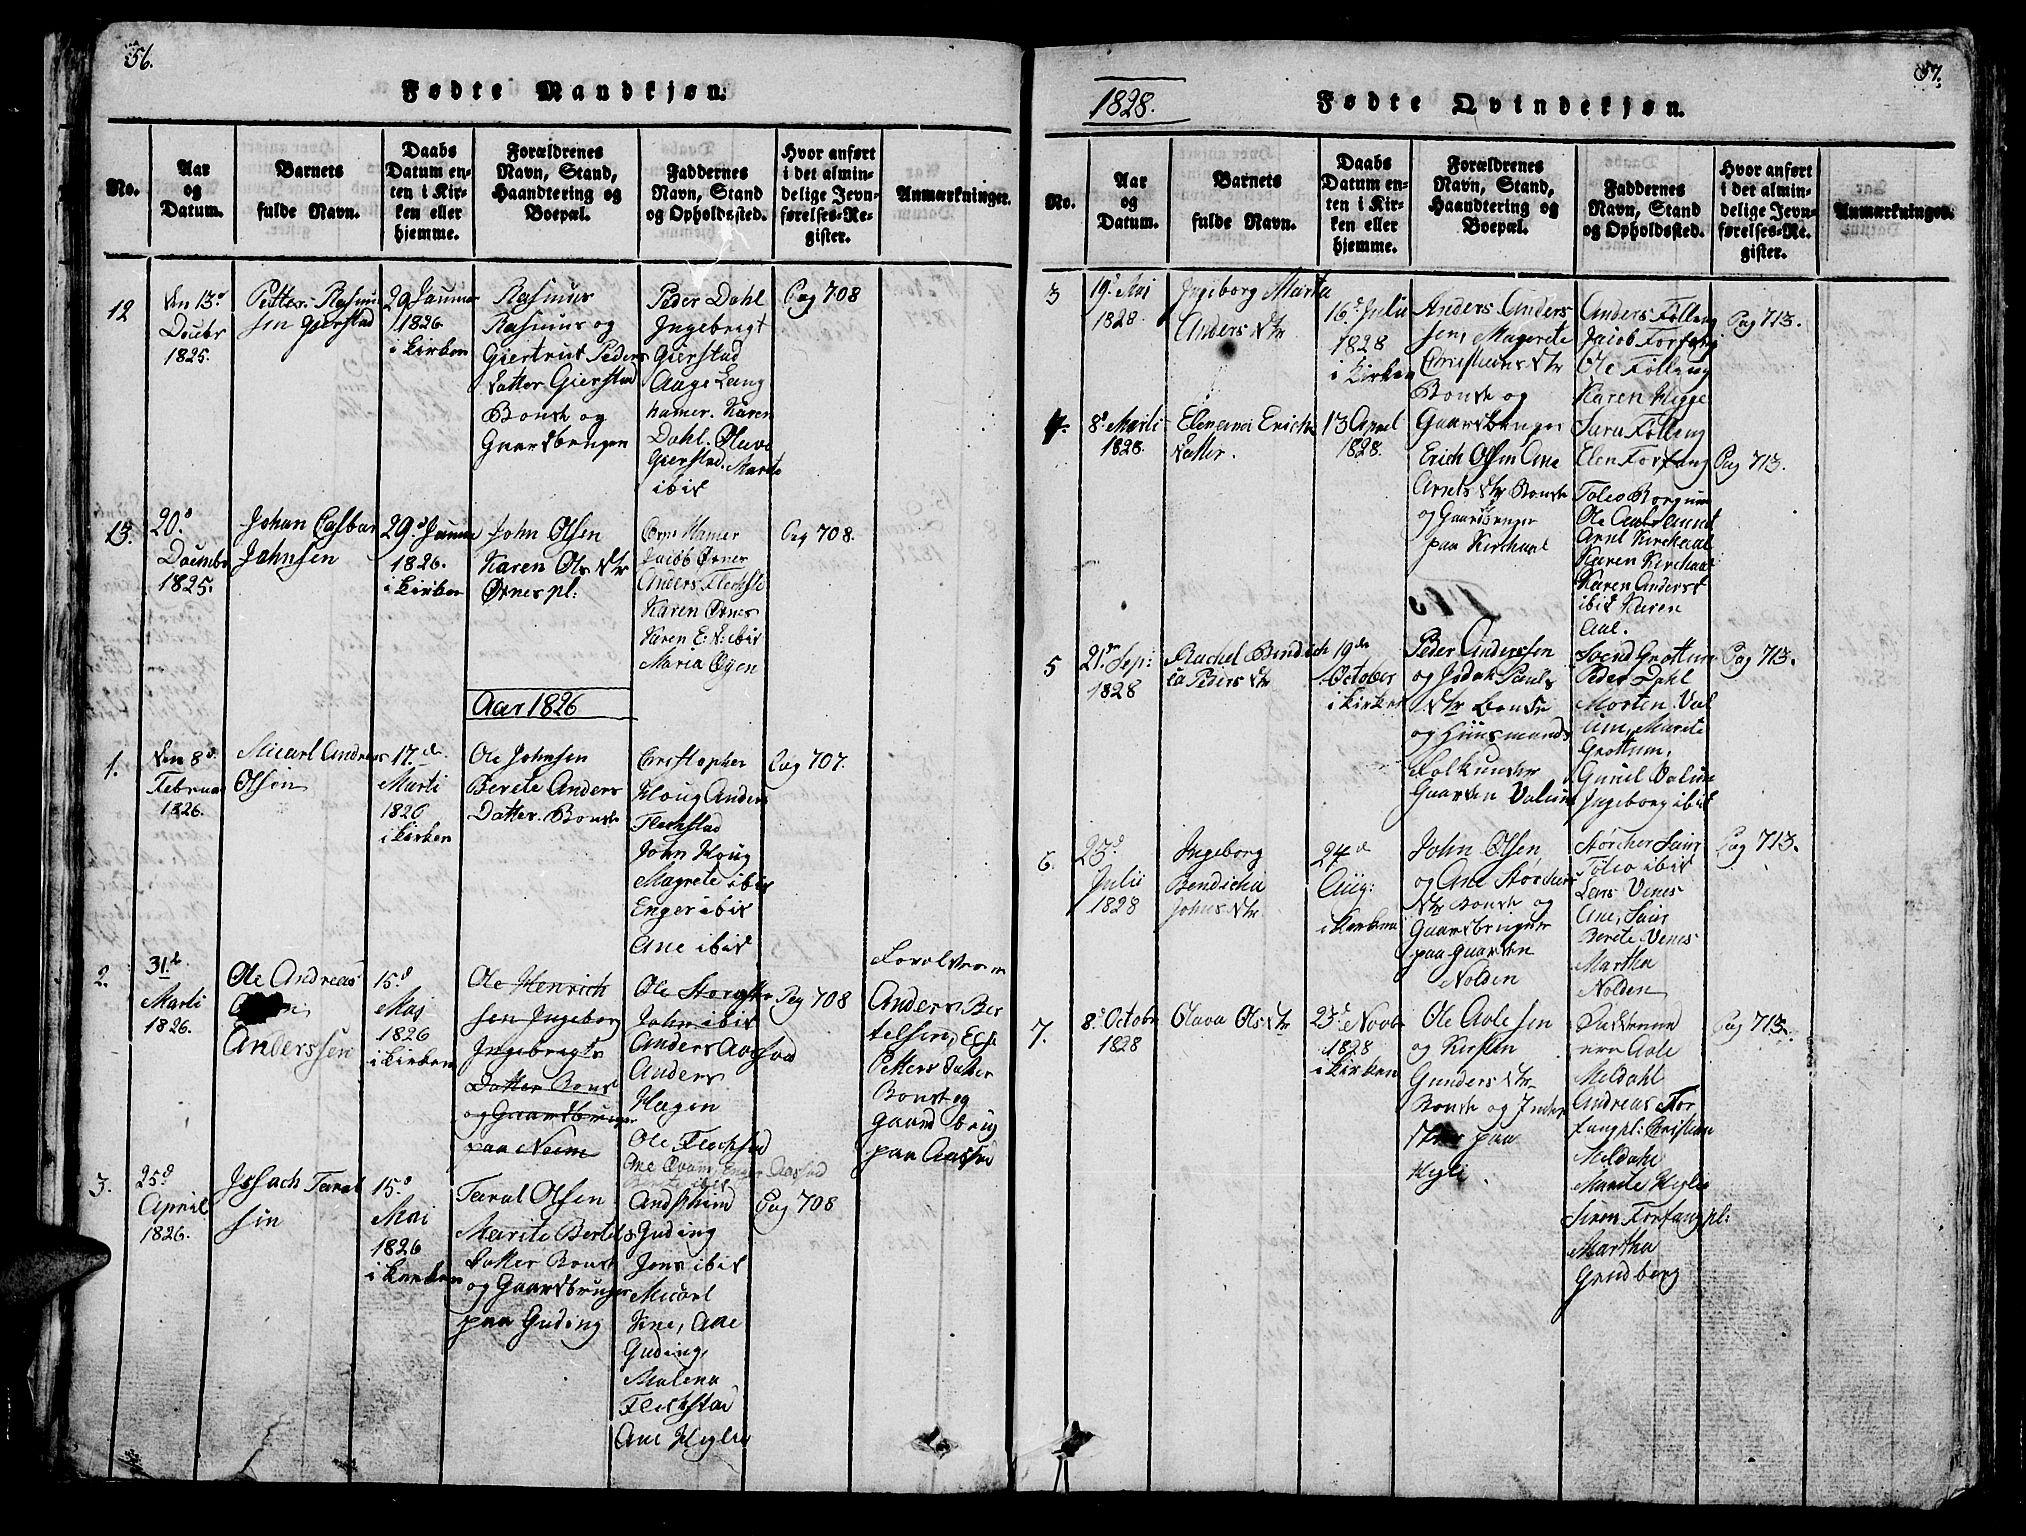 SAT, Ministerialprotokoller, klokkerbøker og fødselsregistre - Nord-Trøndelag, 747/L0459: Klokkerbok nr. 747C01, 1816-1842, s. 56-57